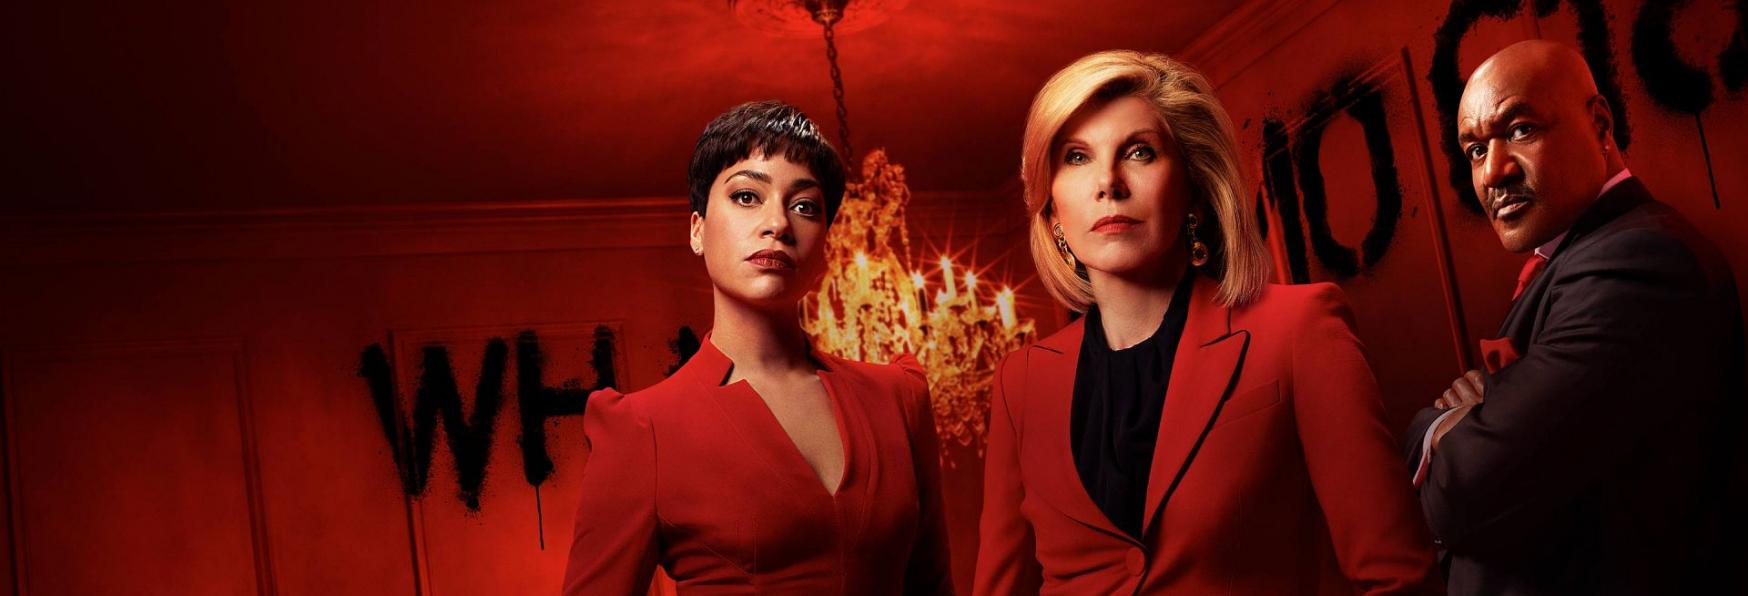 The Good Fight 5: la Serie TV CBS All Access viene Rinnovata per una nuova Stagione